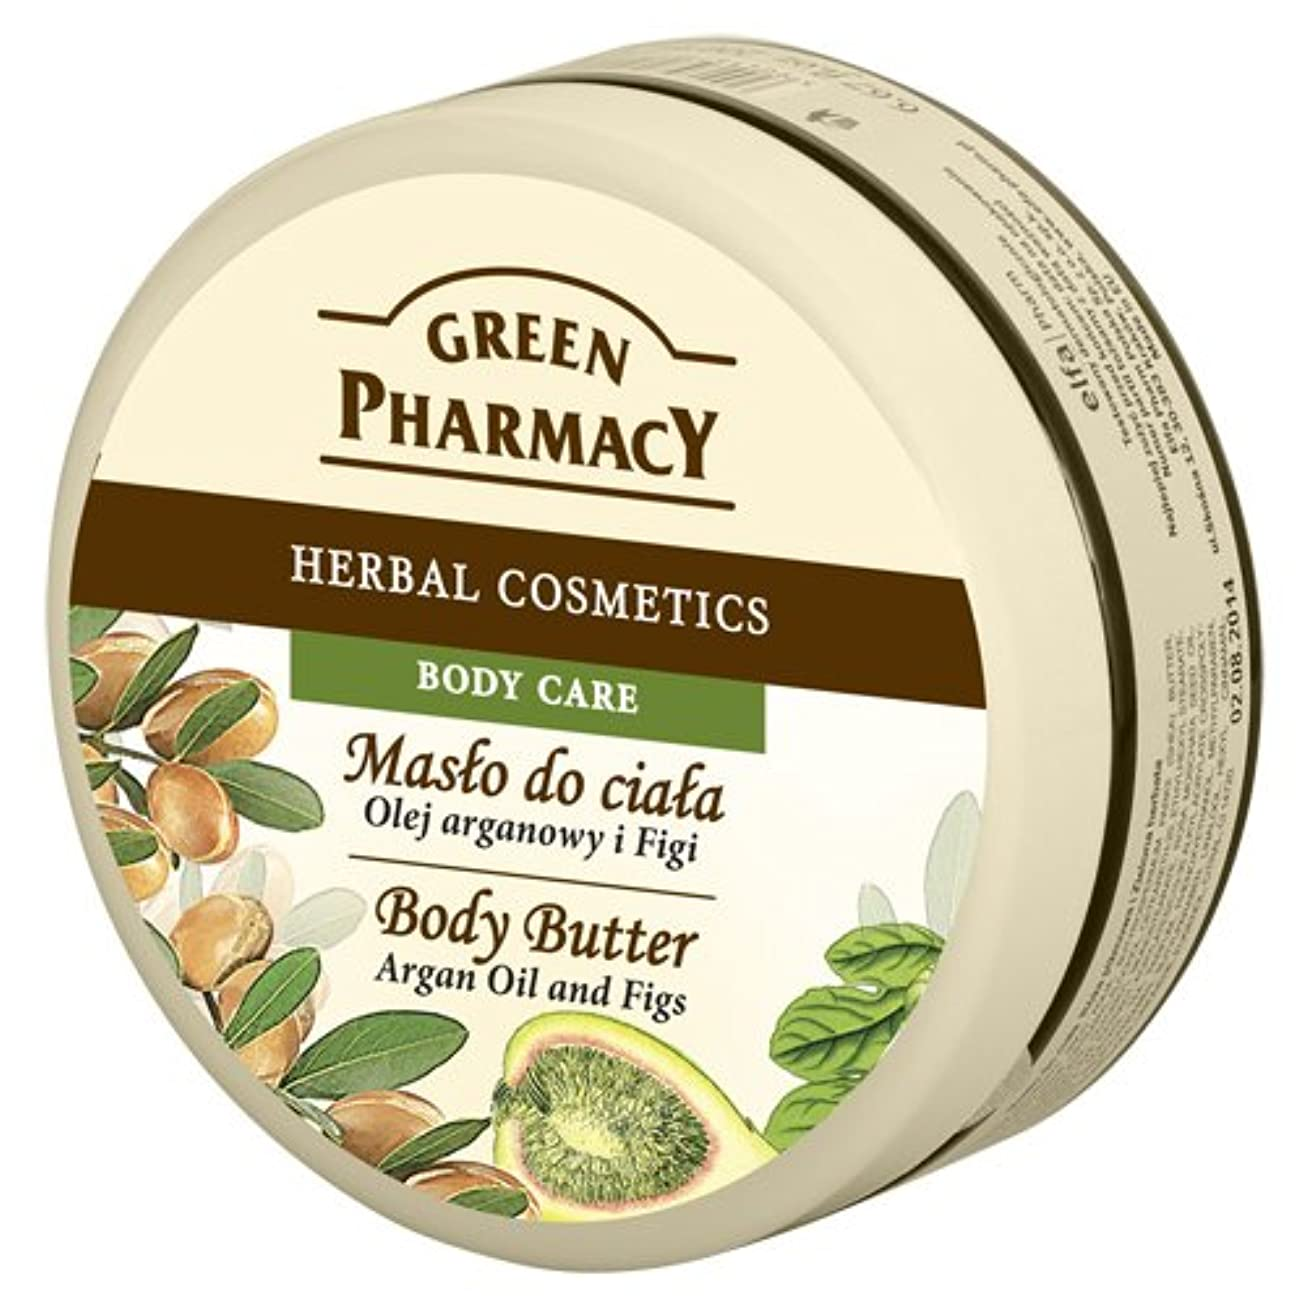 手首ペストリーランクElfa Pharm Green Pharmacy グリーンファーマシー Body Butter ボディバター Argan Oil and Figs